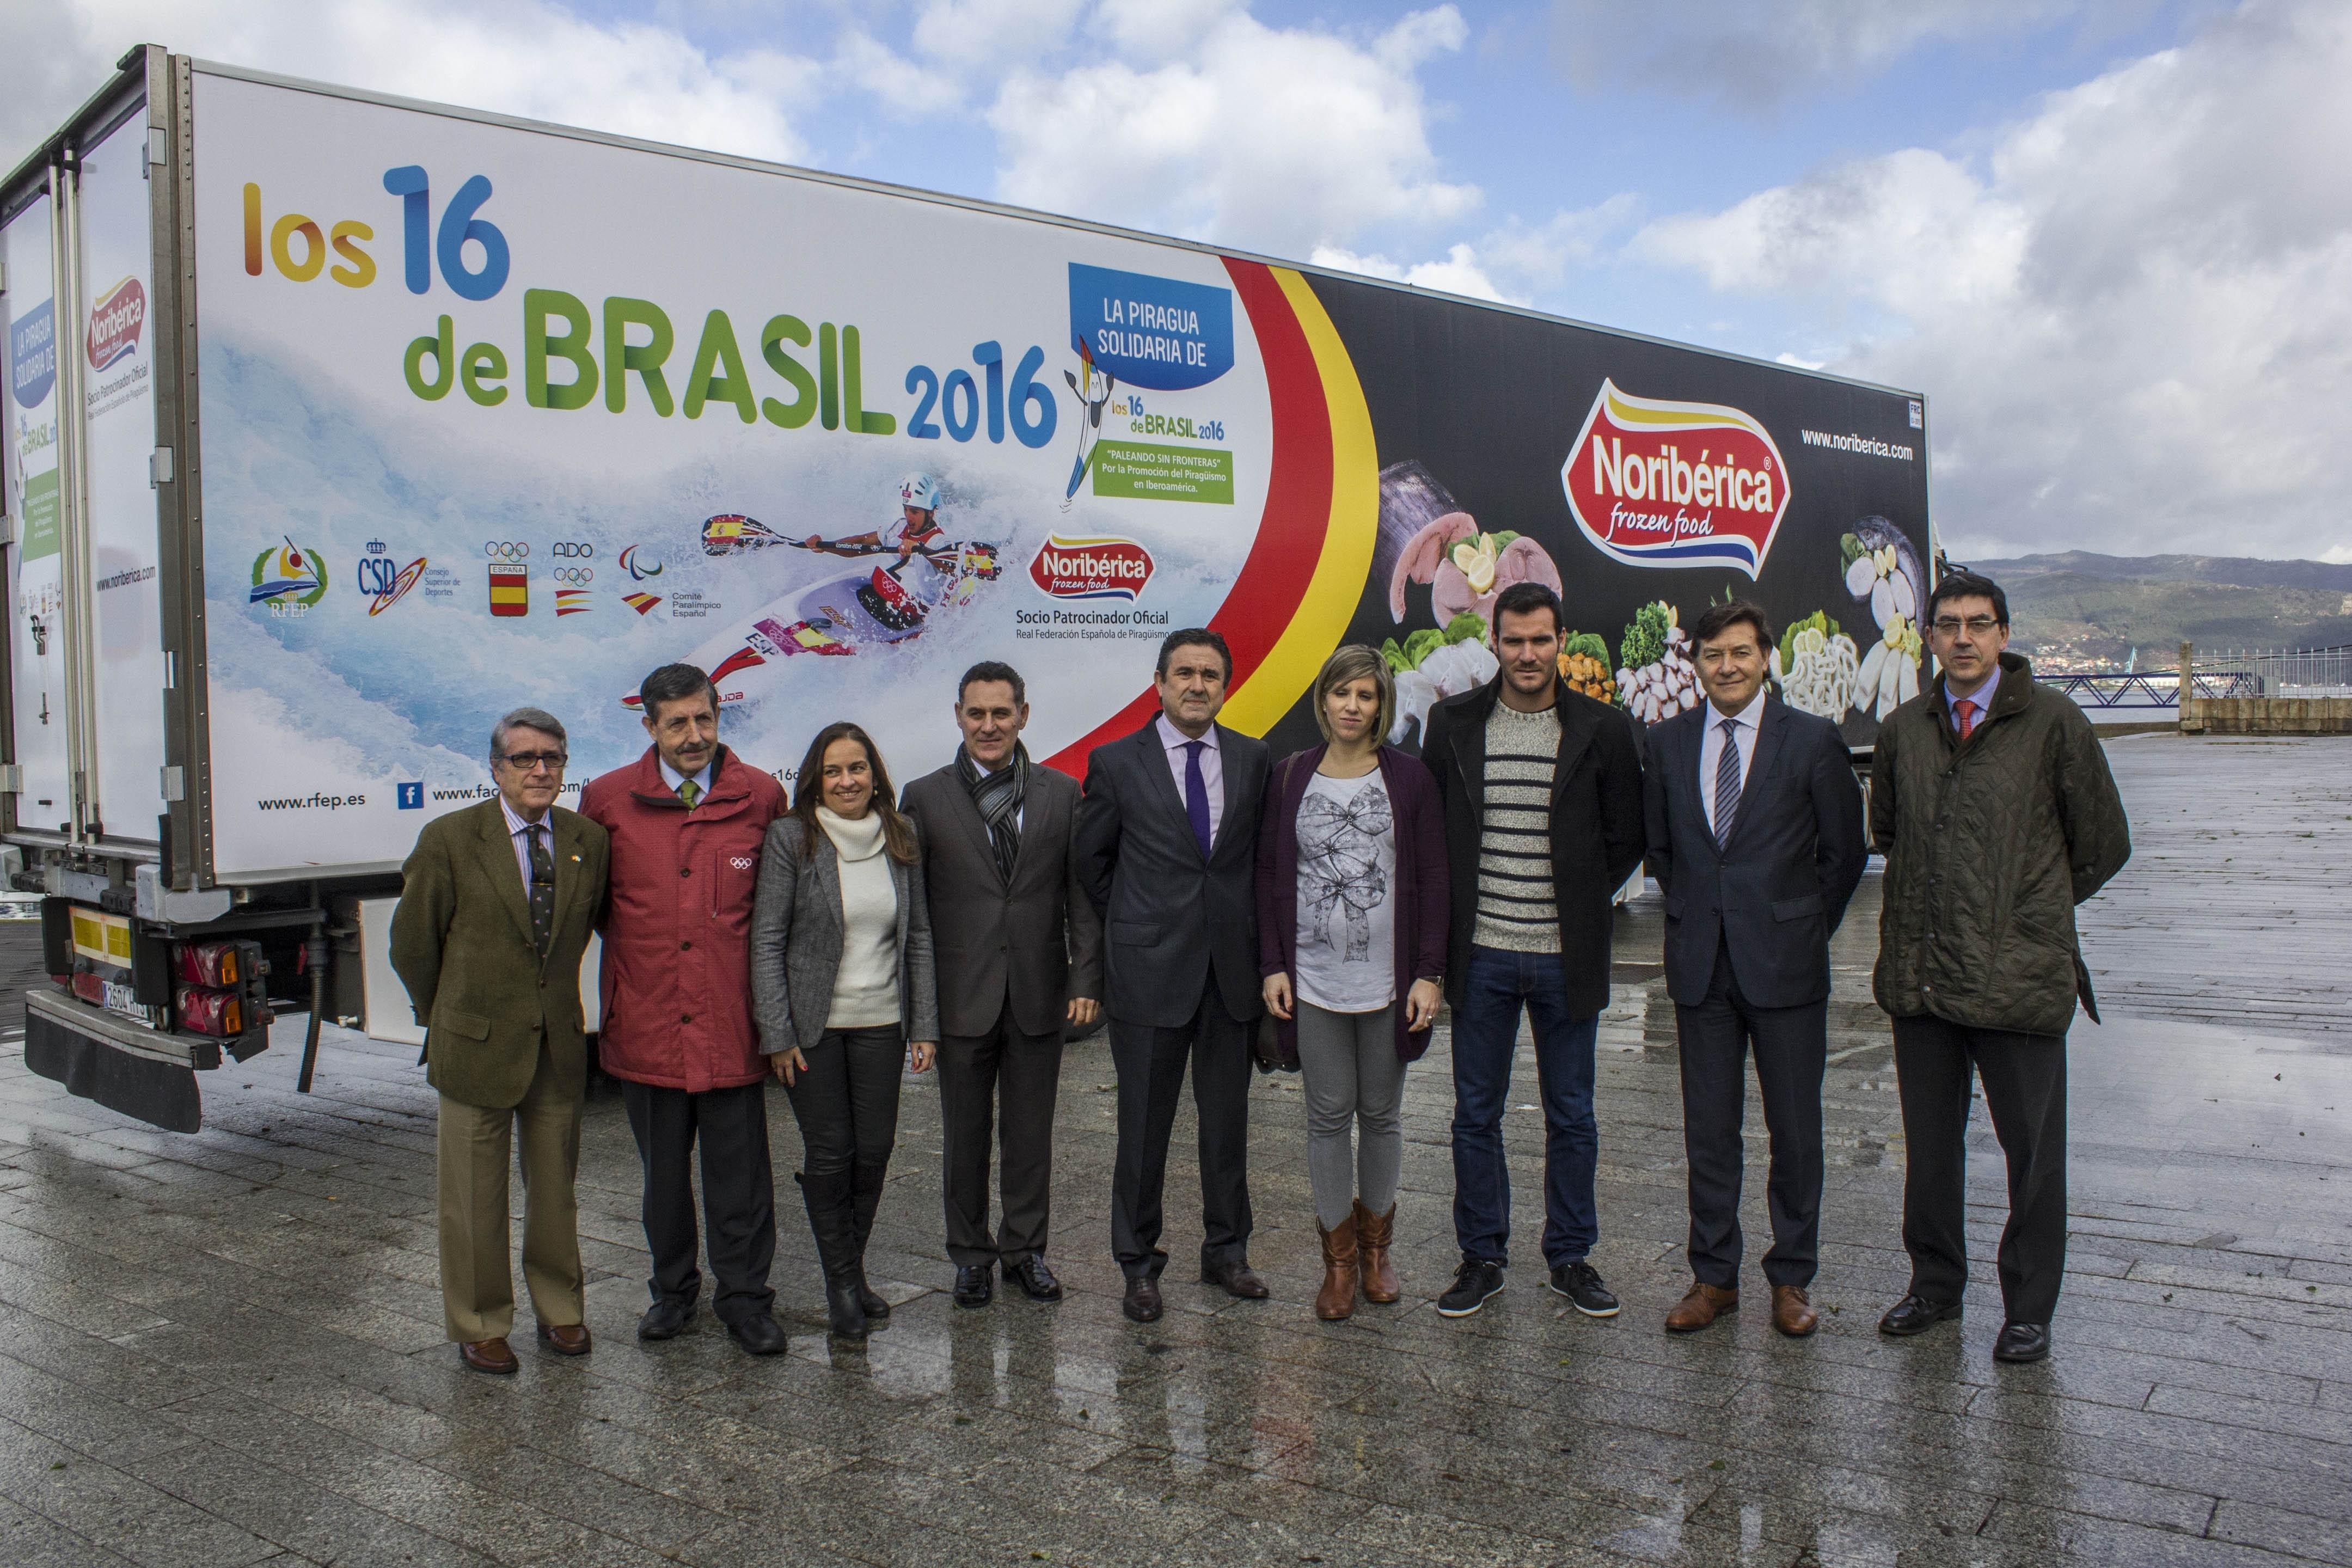 Noribérica reafirma su apuesta por el piragüismo español uniéndose a »Los 16 de Brasil 2016»